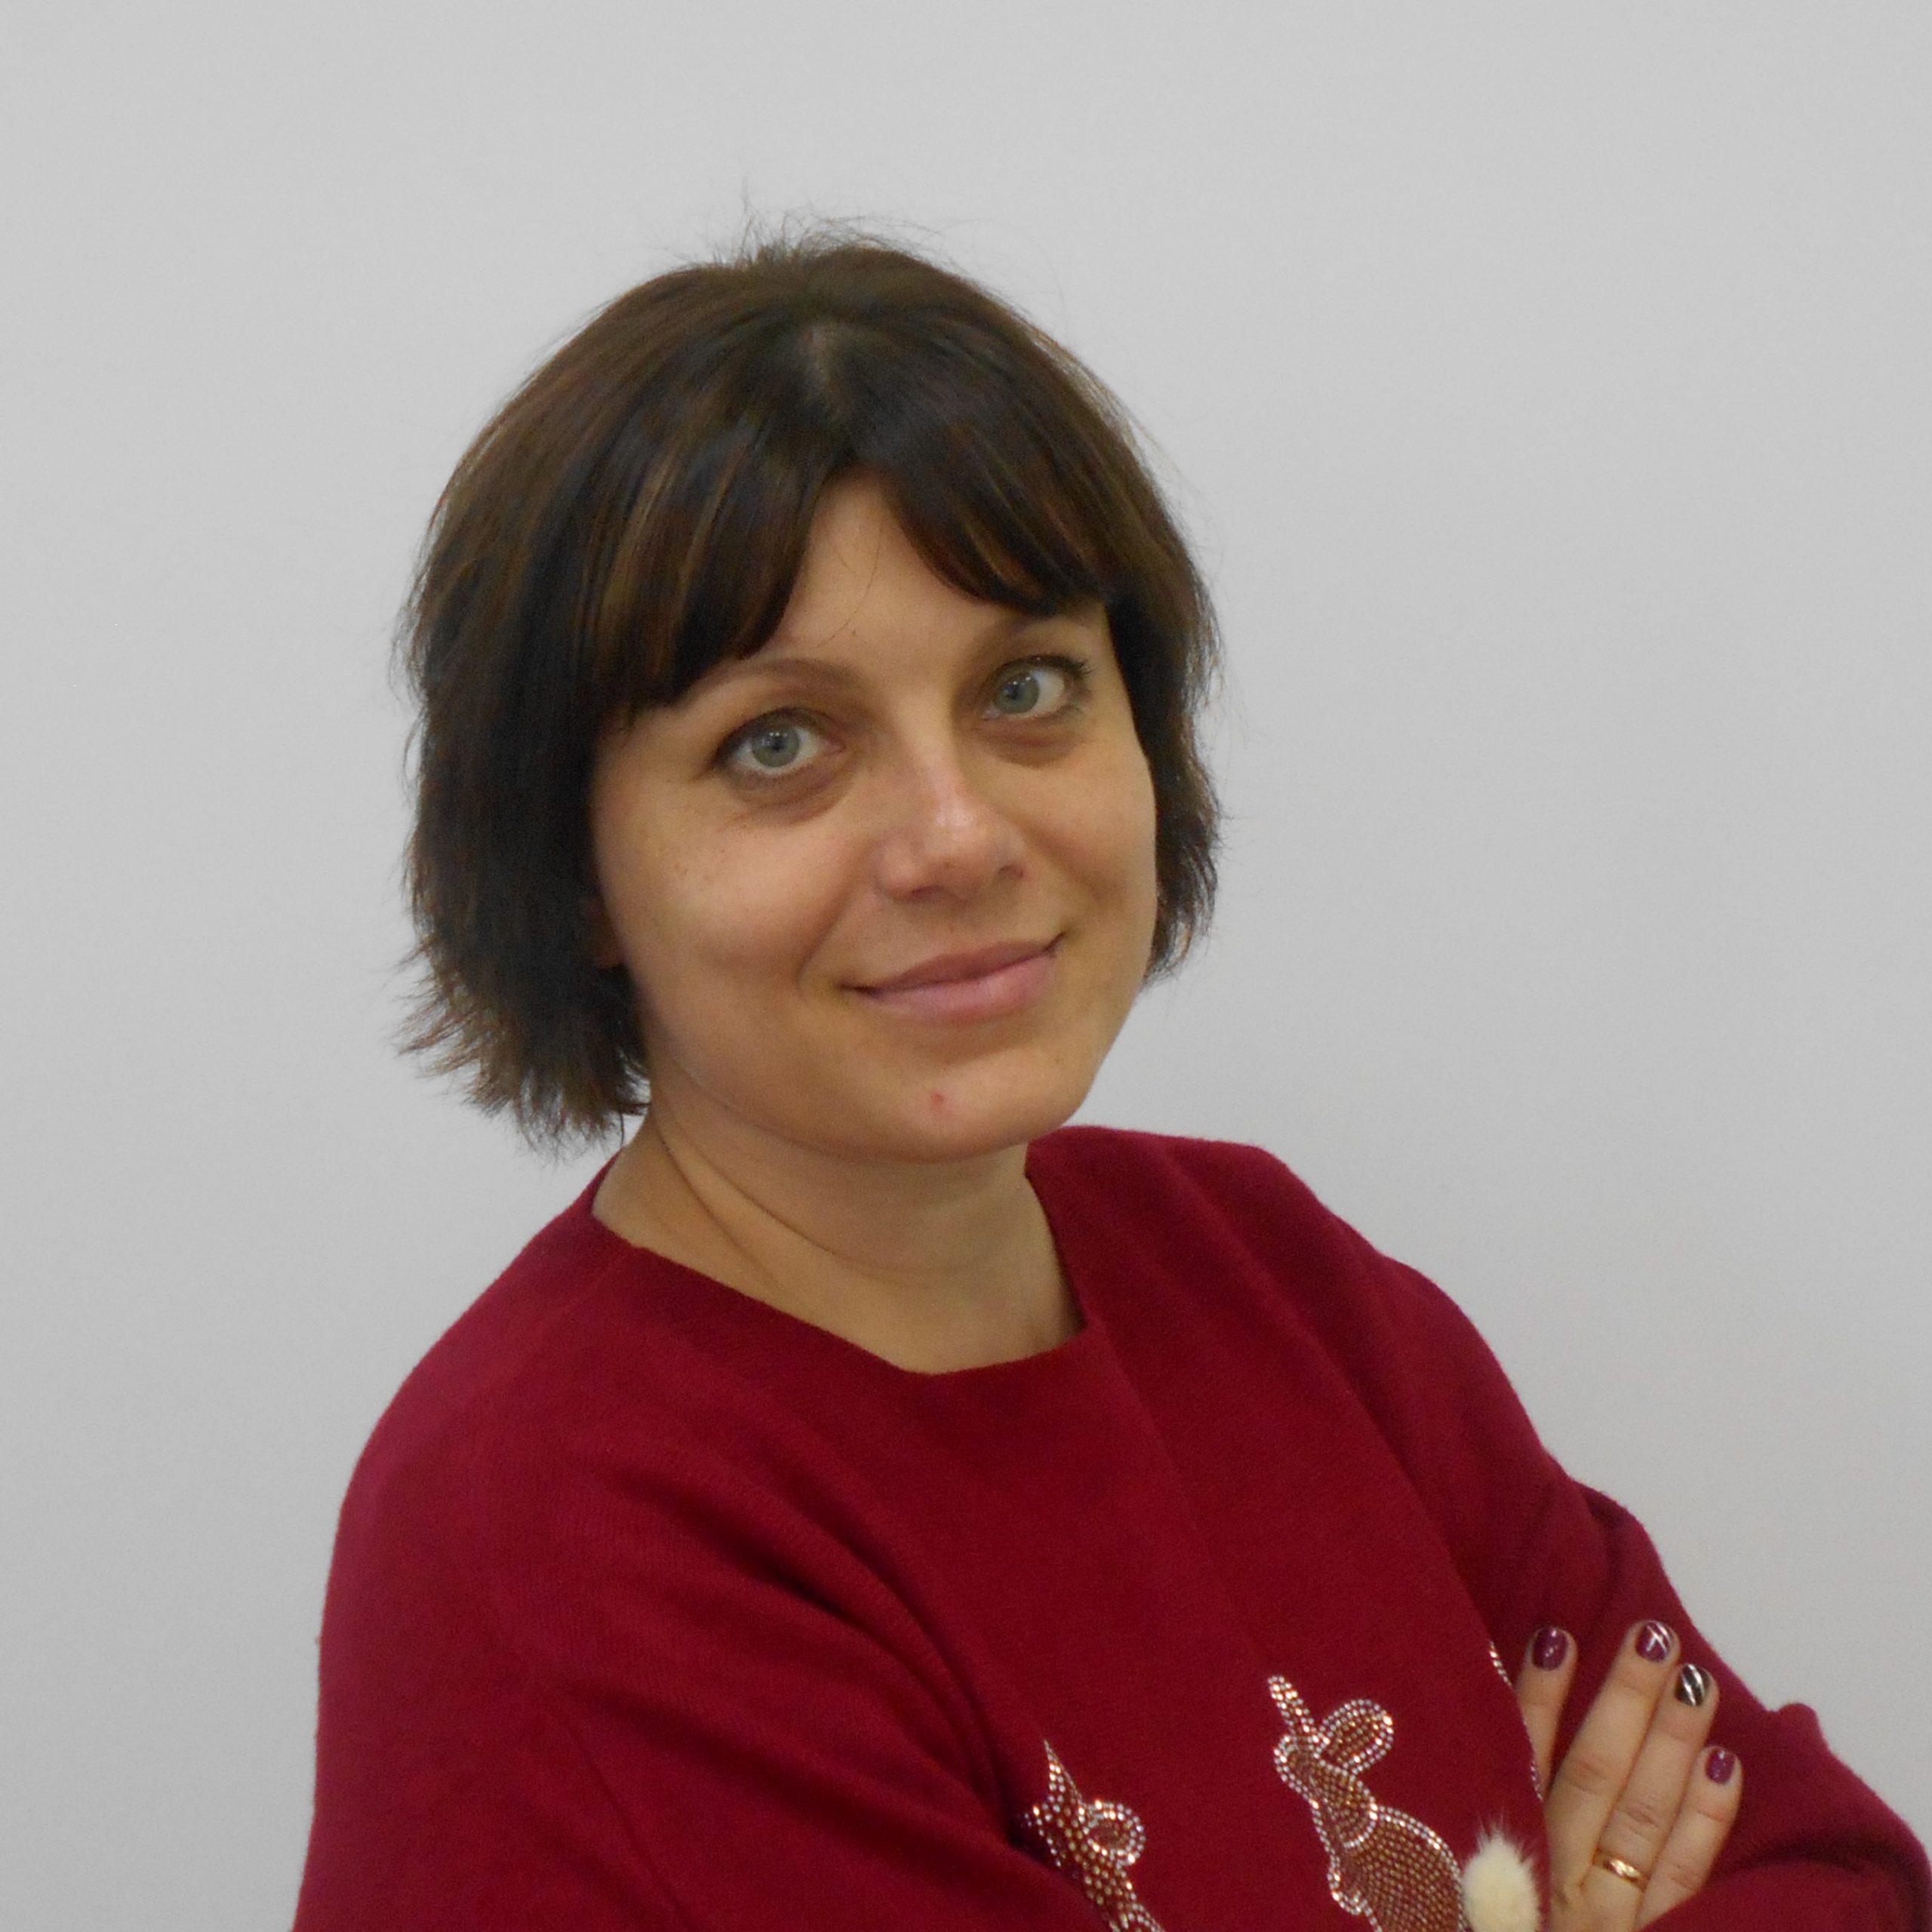 Natalia Murodhodzhaeva